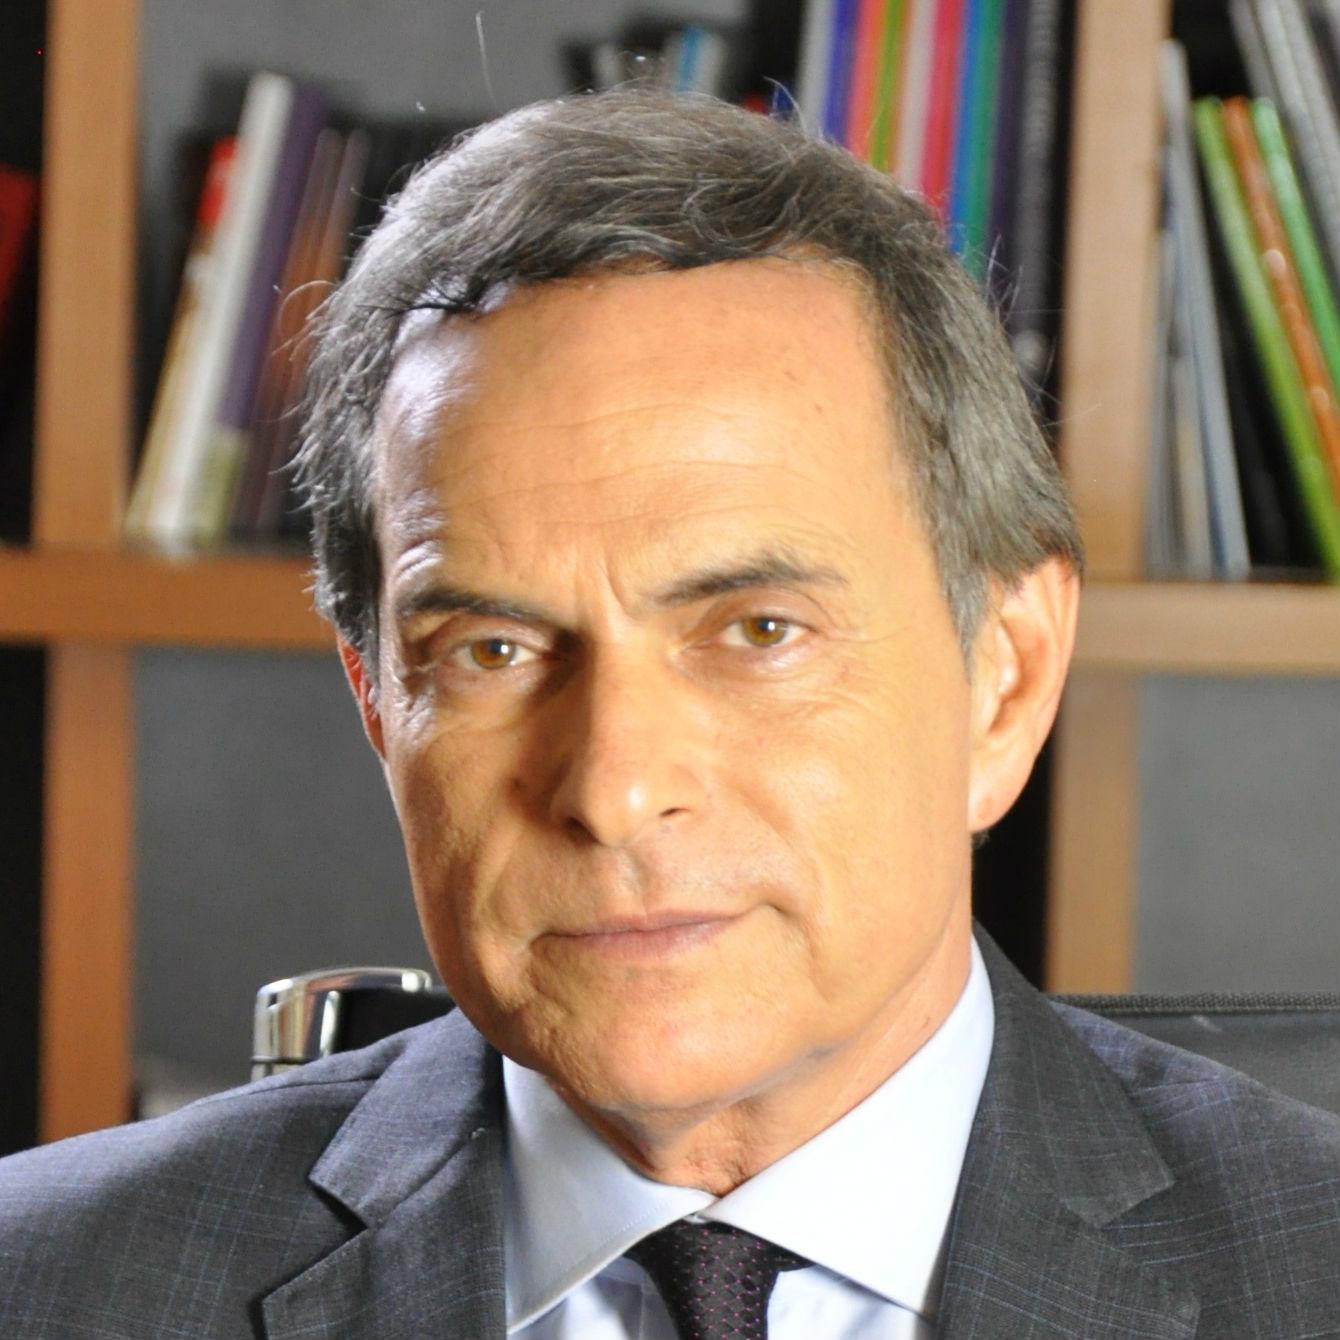 אמנון דיק מועמד לתפקיד נשיא אגודת הידידים